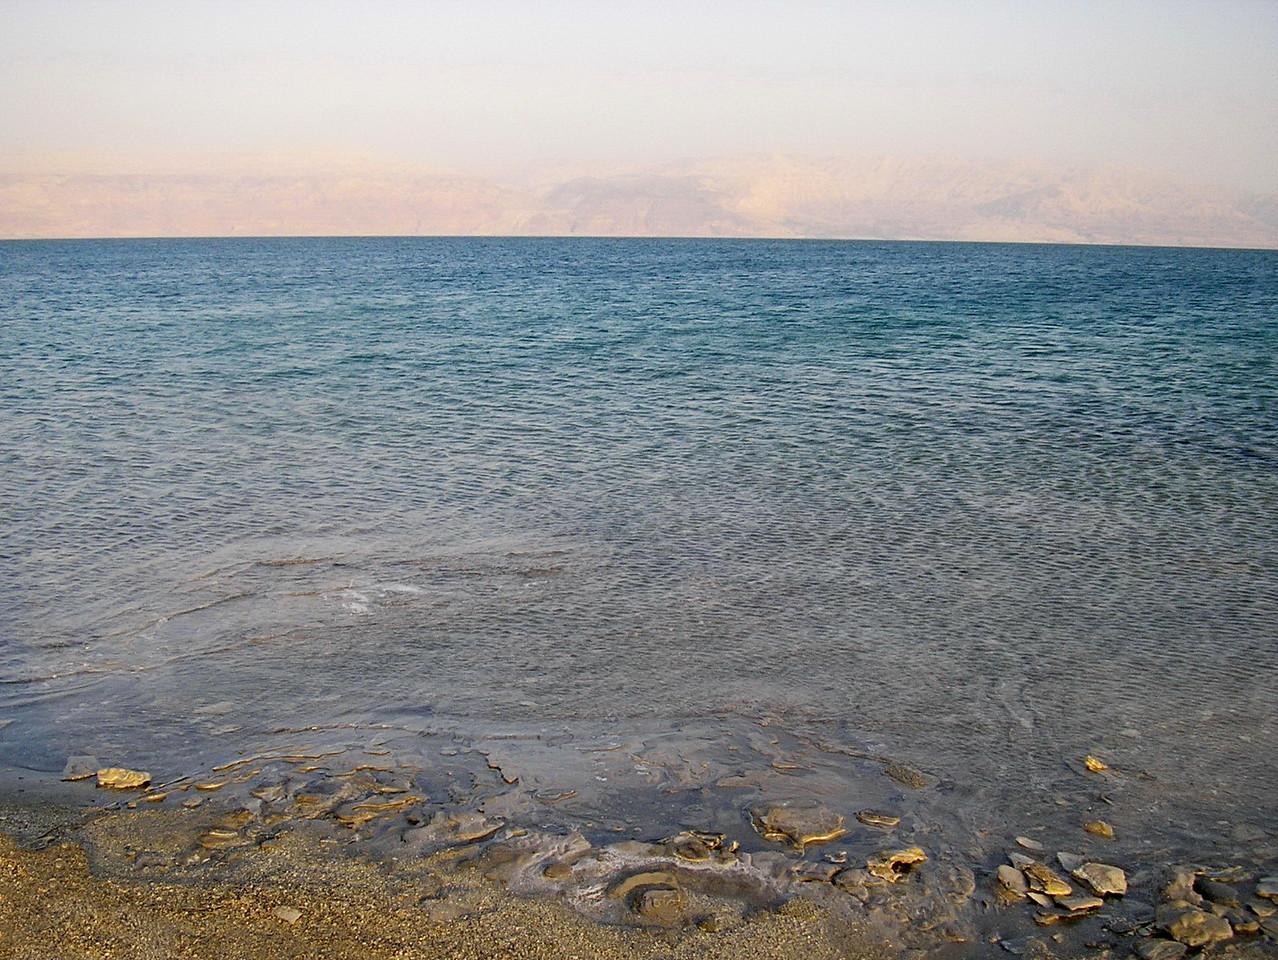 Israel to Jordan across the Dead Sea